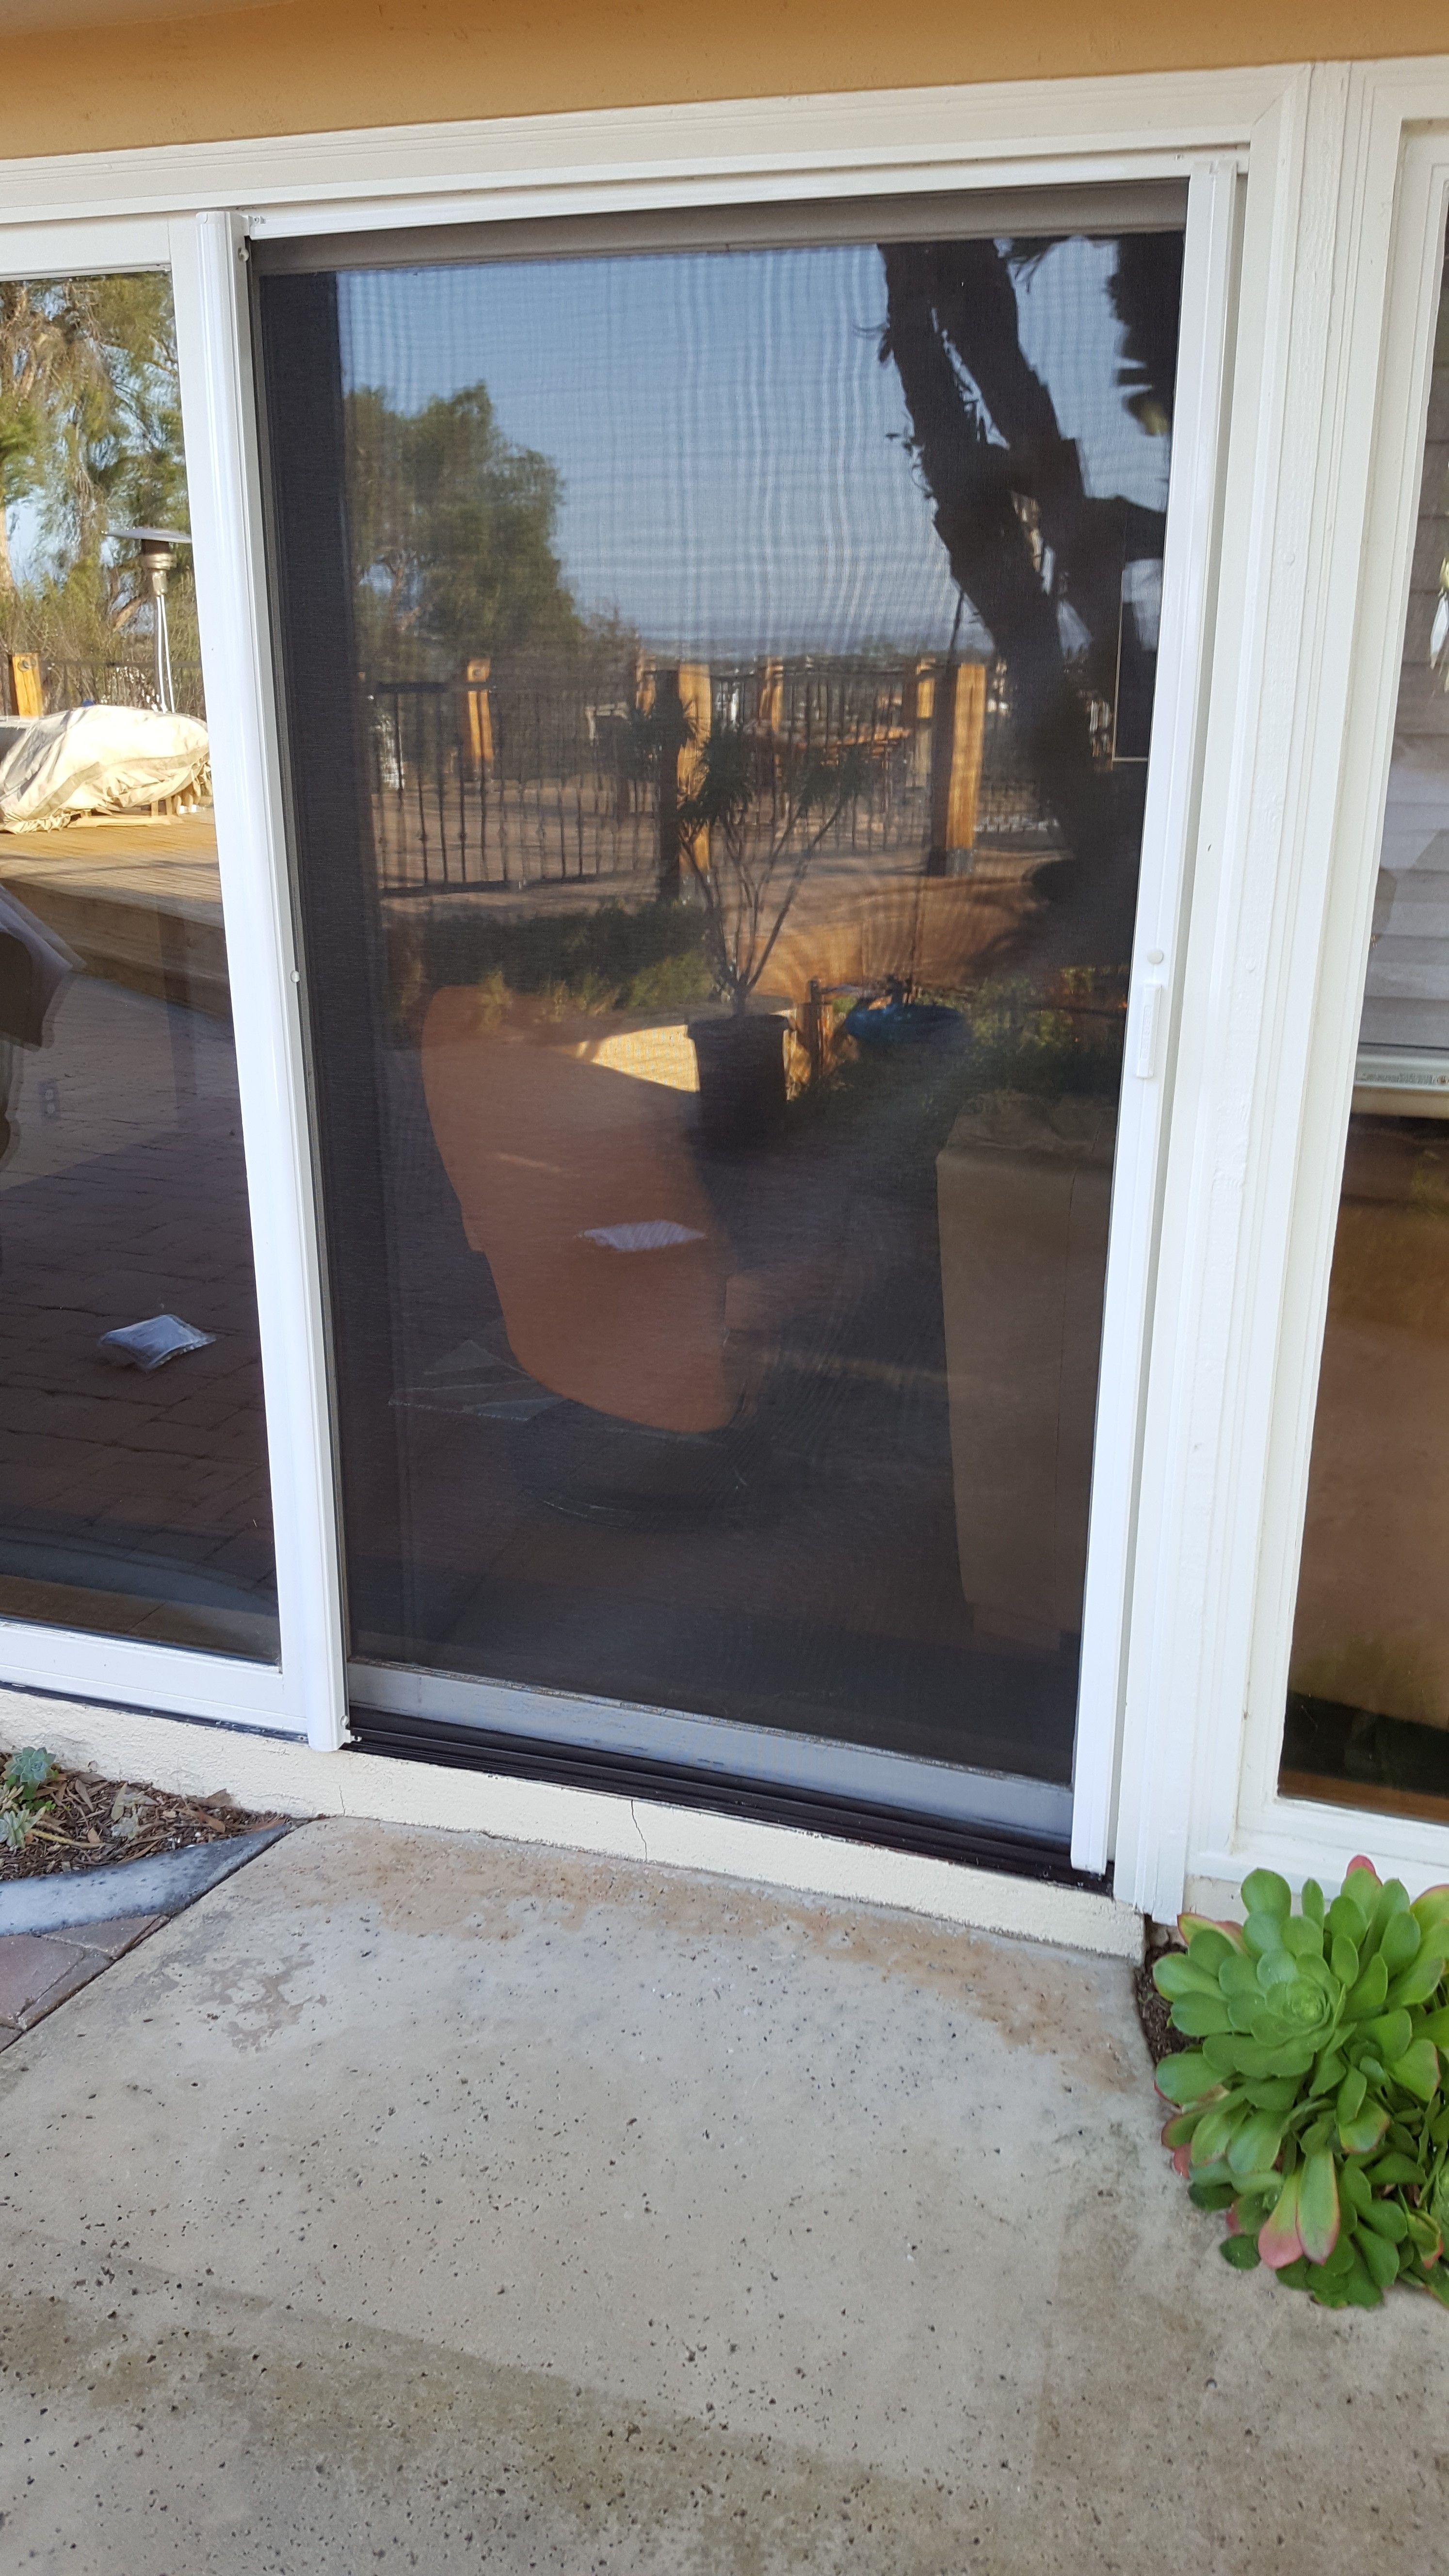 Glass Sliding Door With Our Clearview Screen Door Retractable Screen Sliding Glass Door Retractable Screen Door